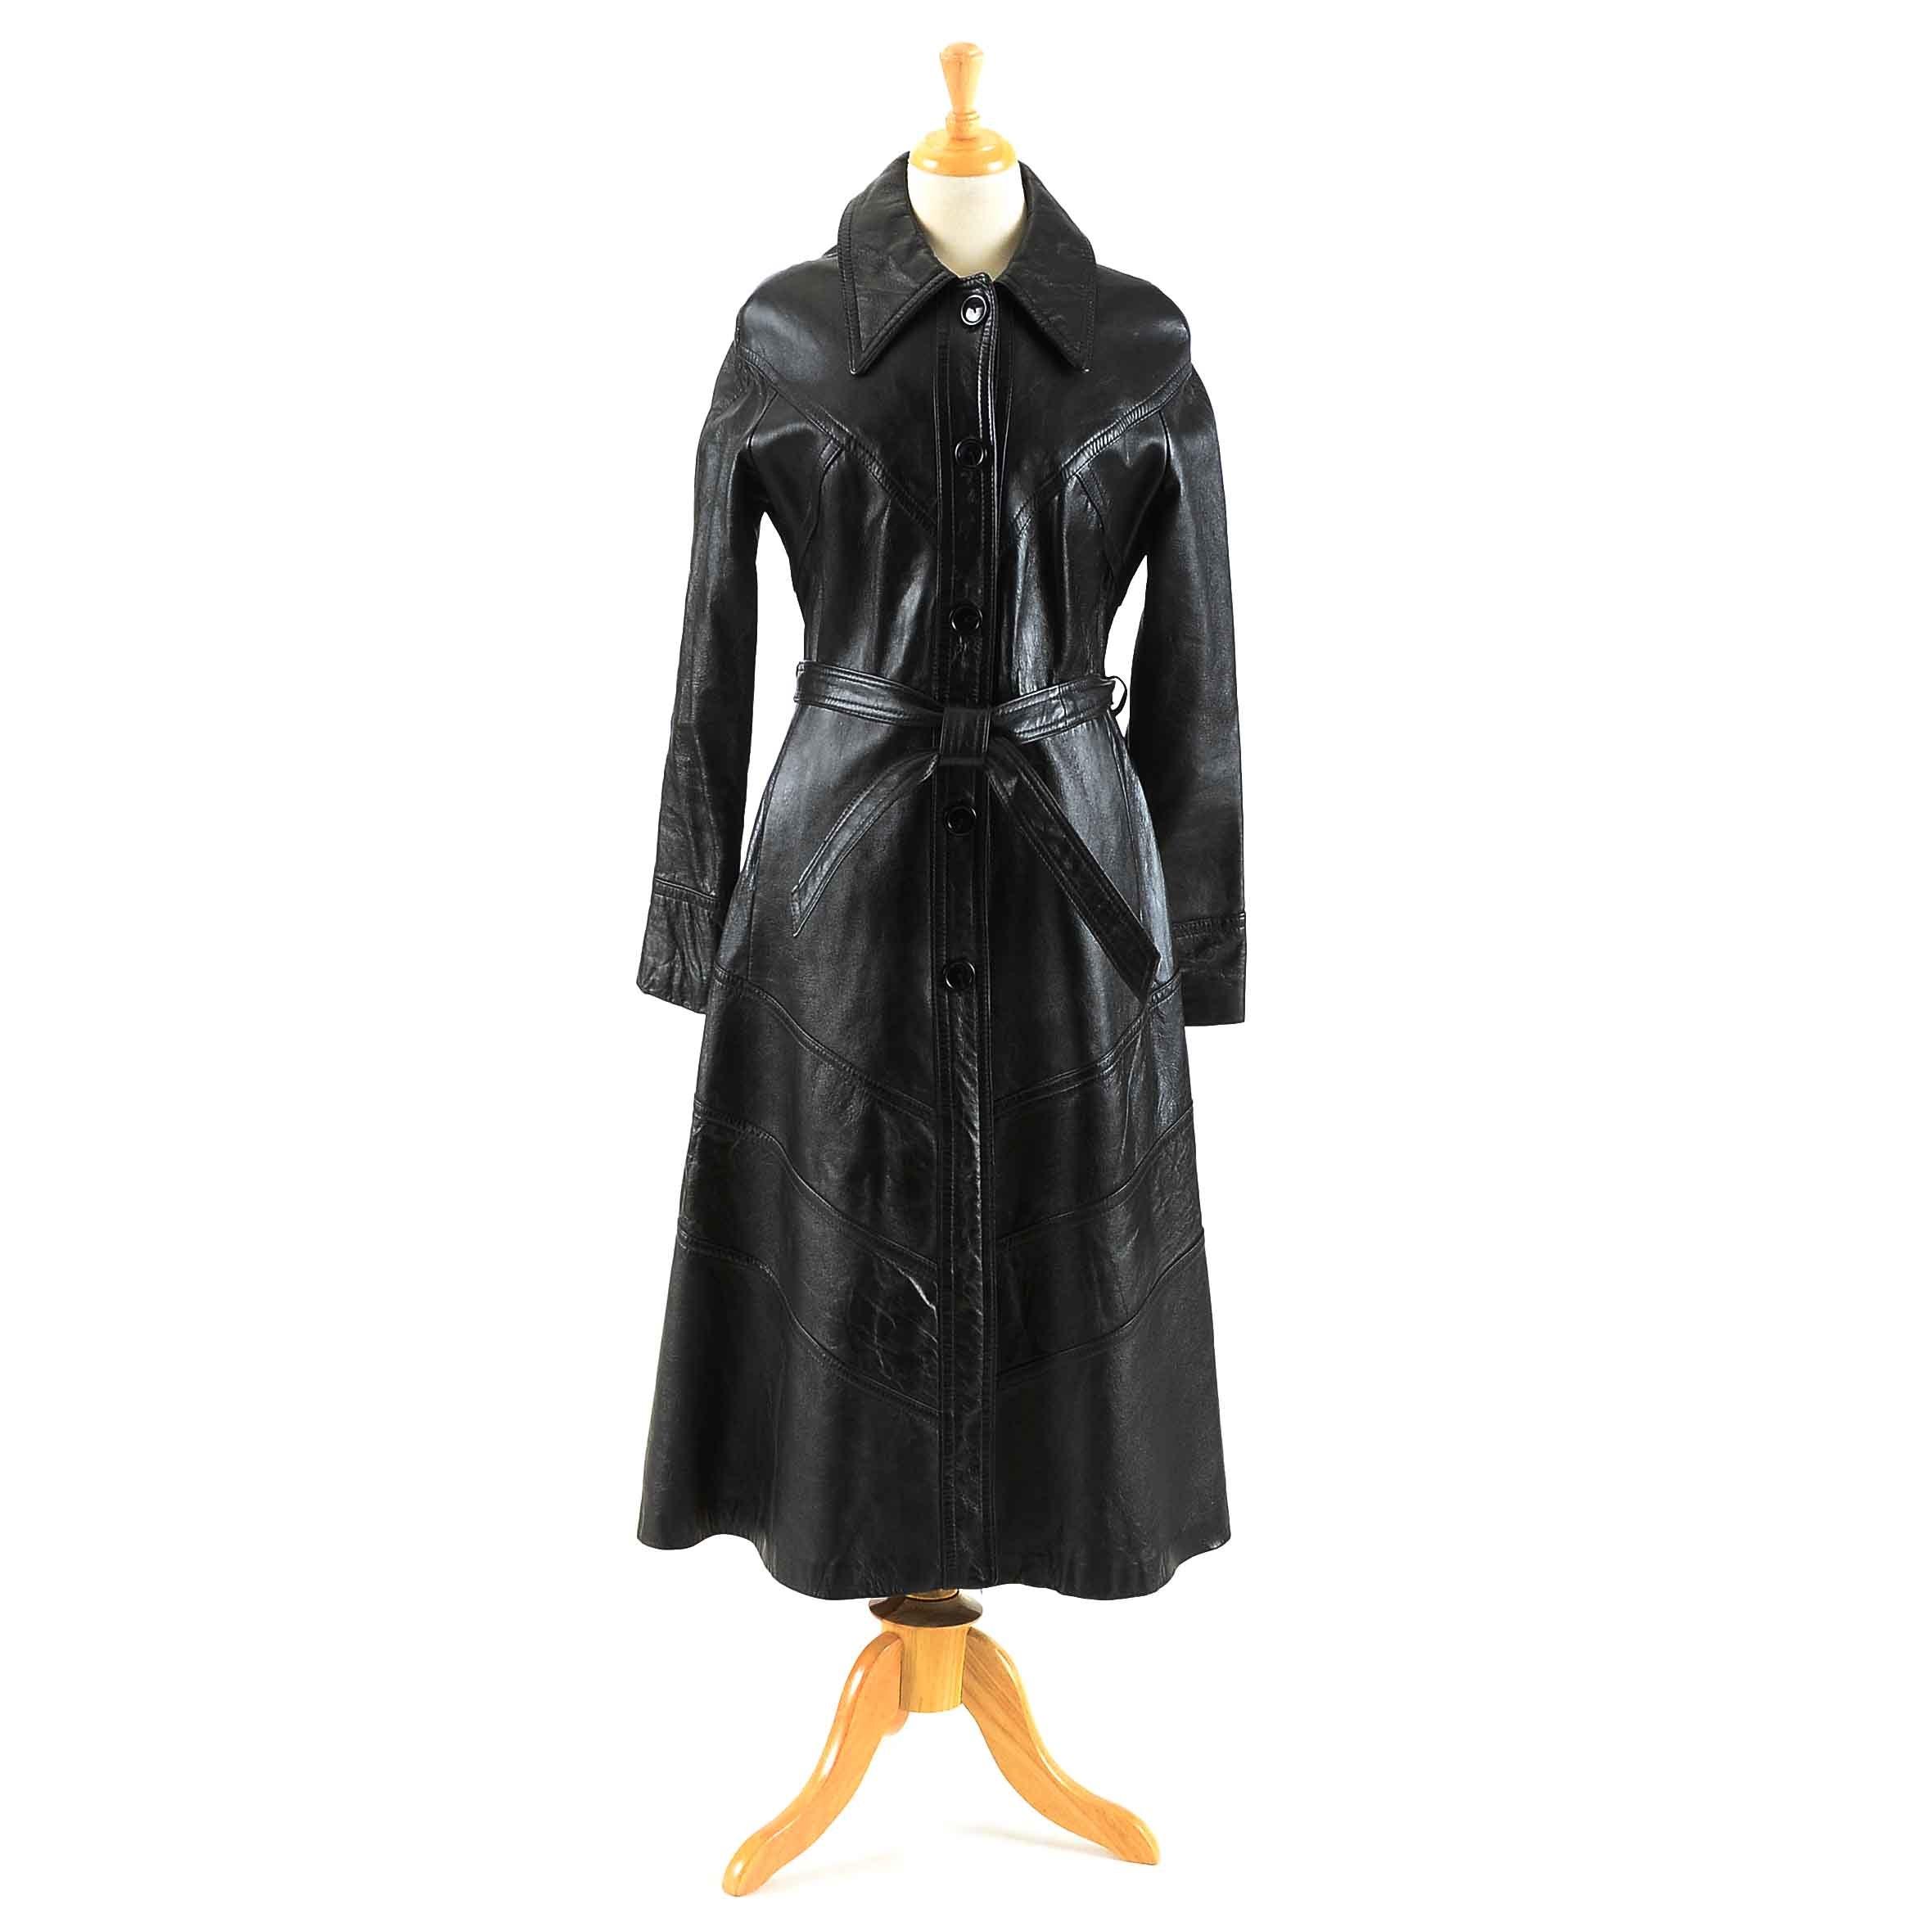 Vintage Black Leather Coat